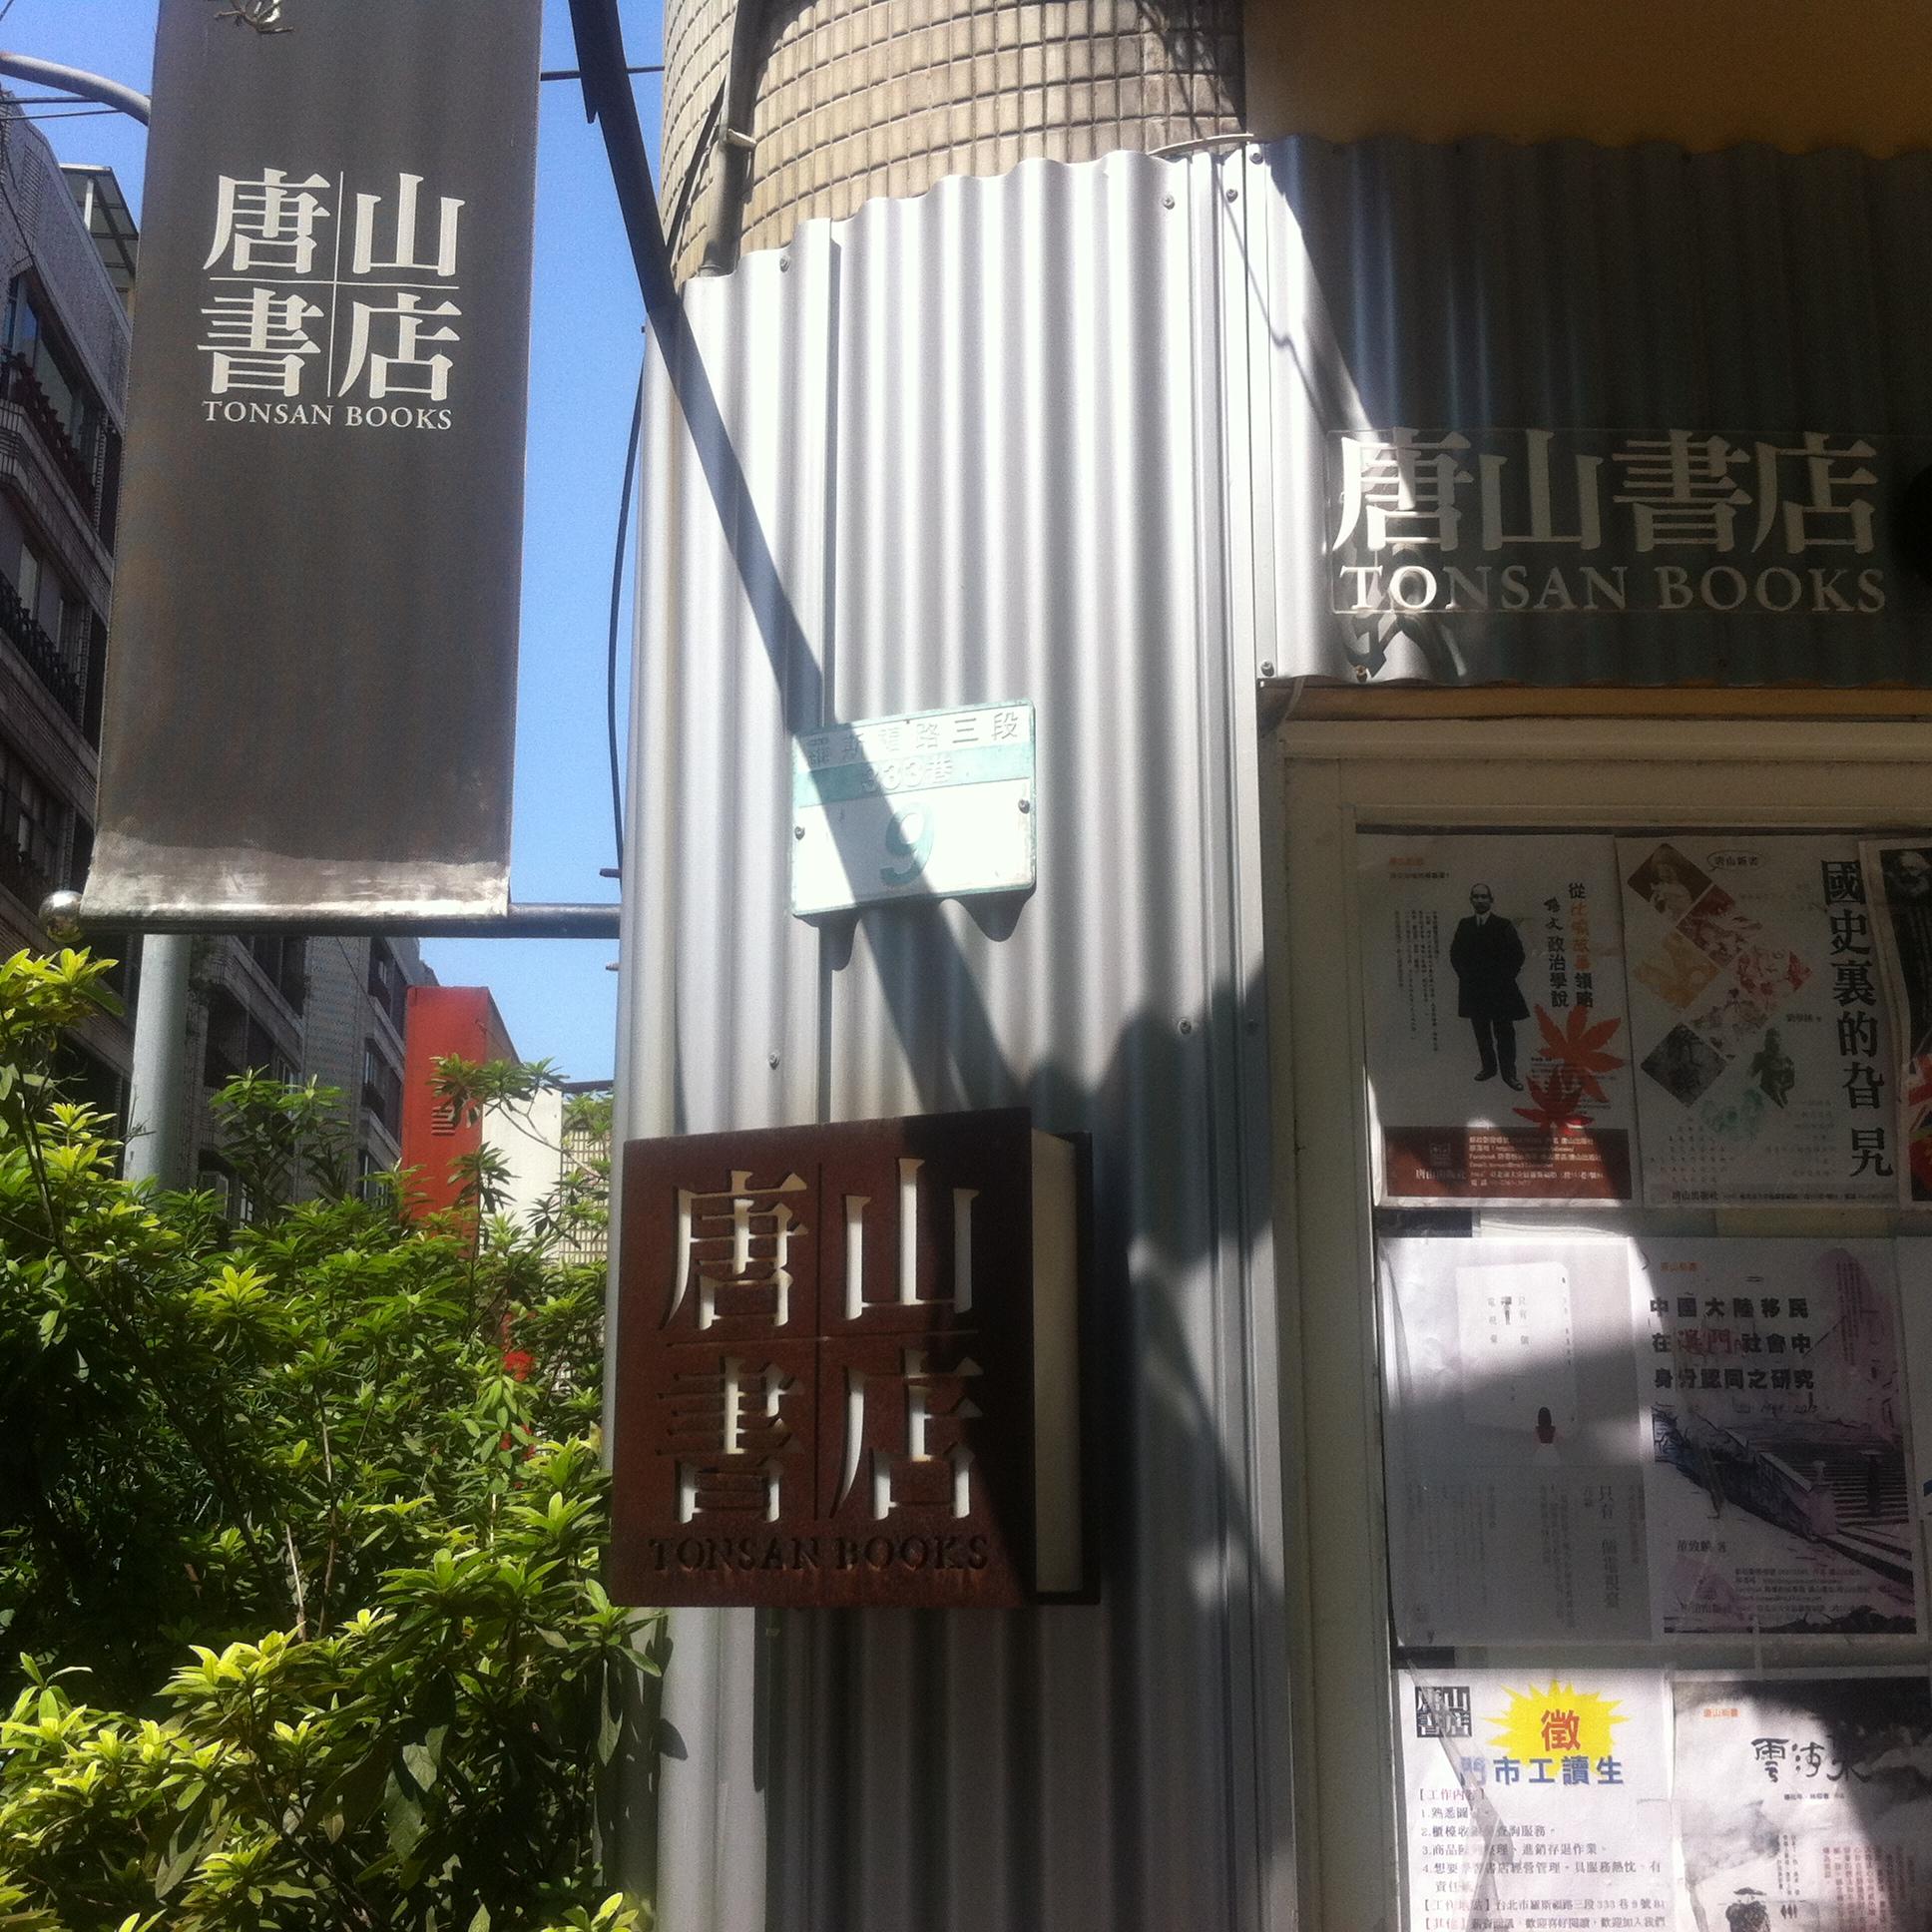 【買い物】地下本屋さん唐山書店